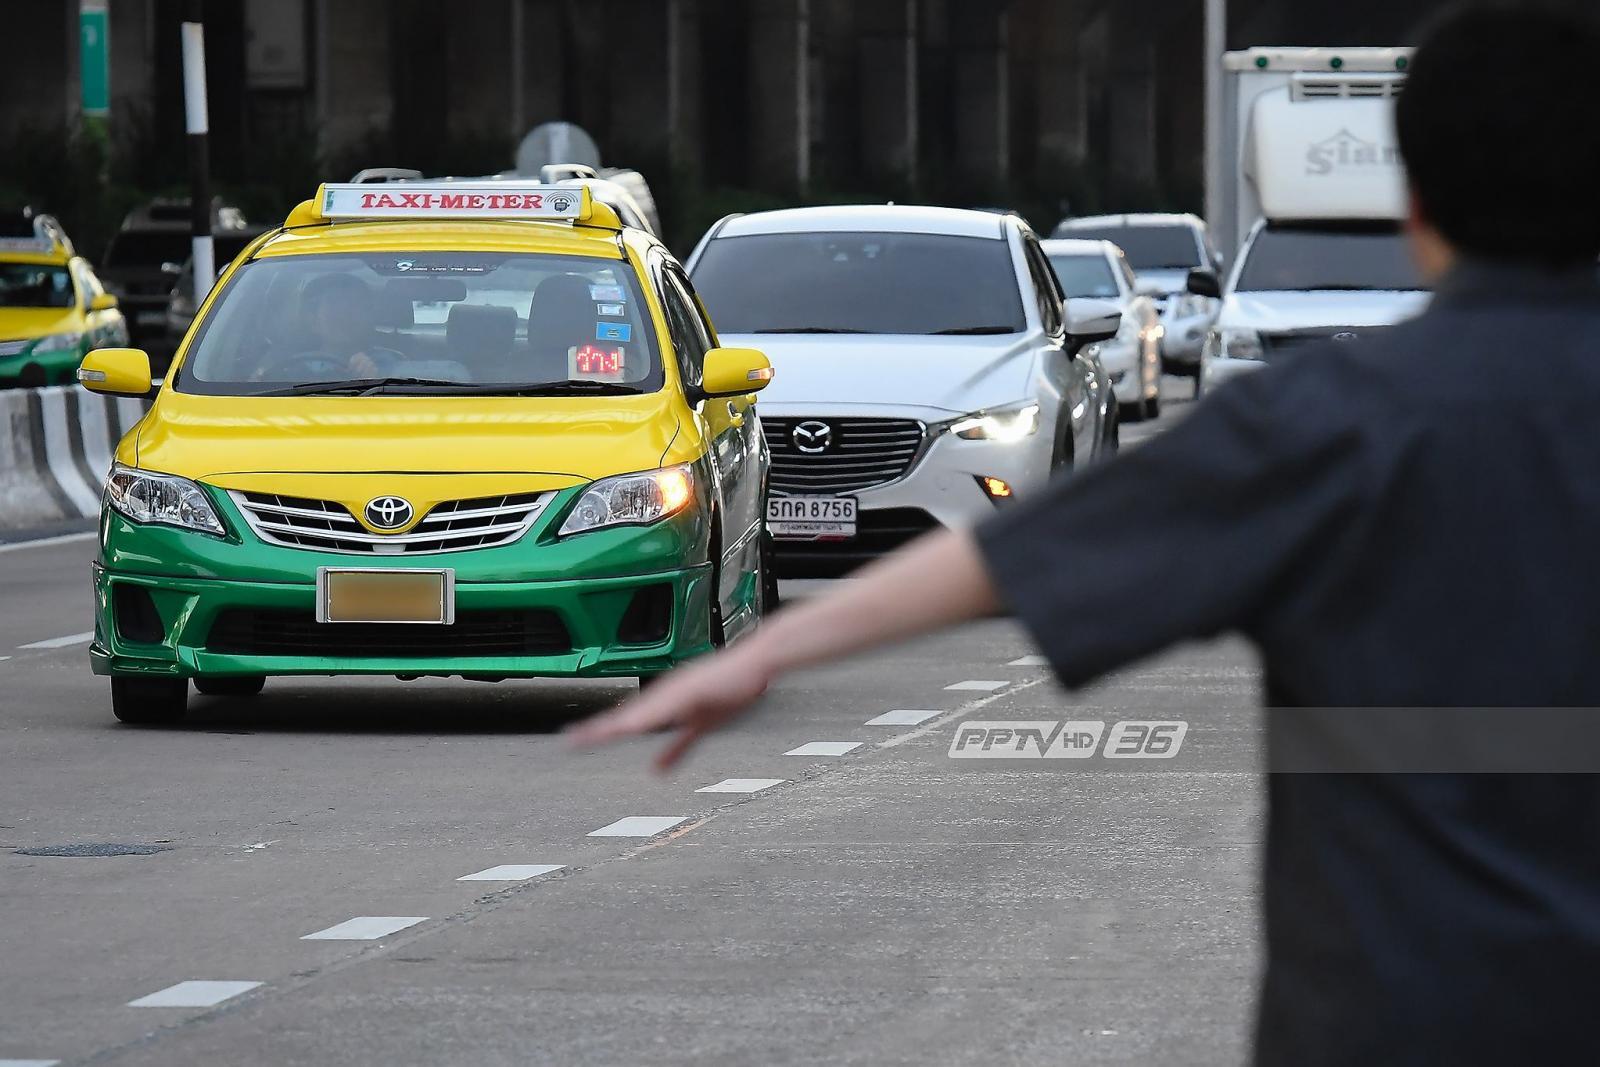 """อยากนั่งแท็กซี่แบบไหนเลือกได้ """"แบบเก่า-OK-VIP"""""""